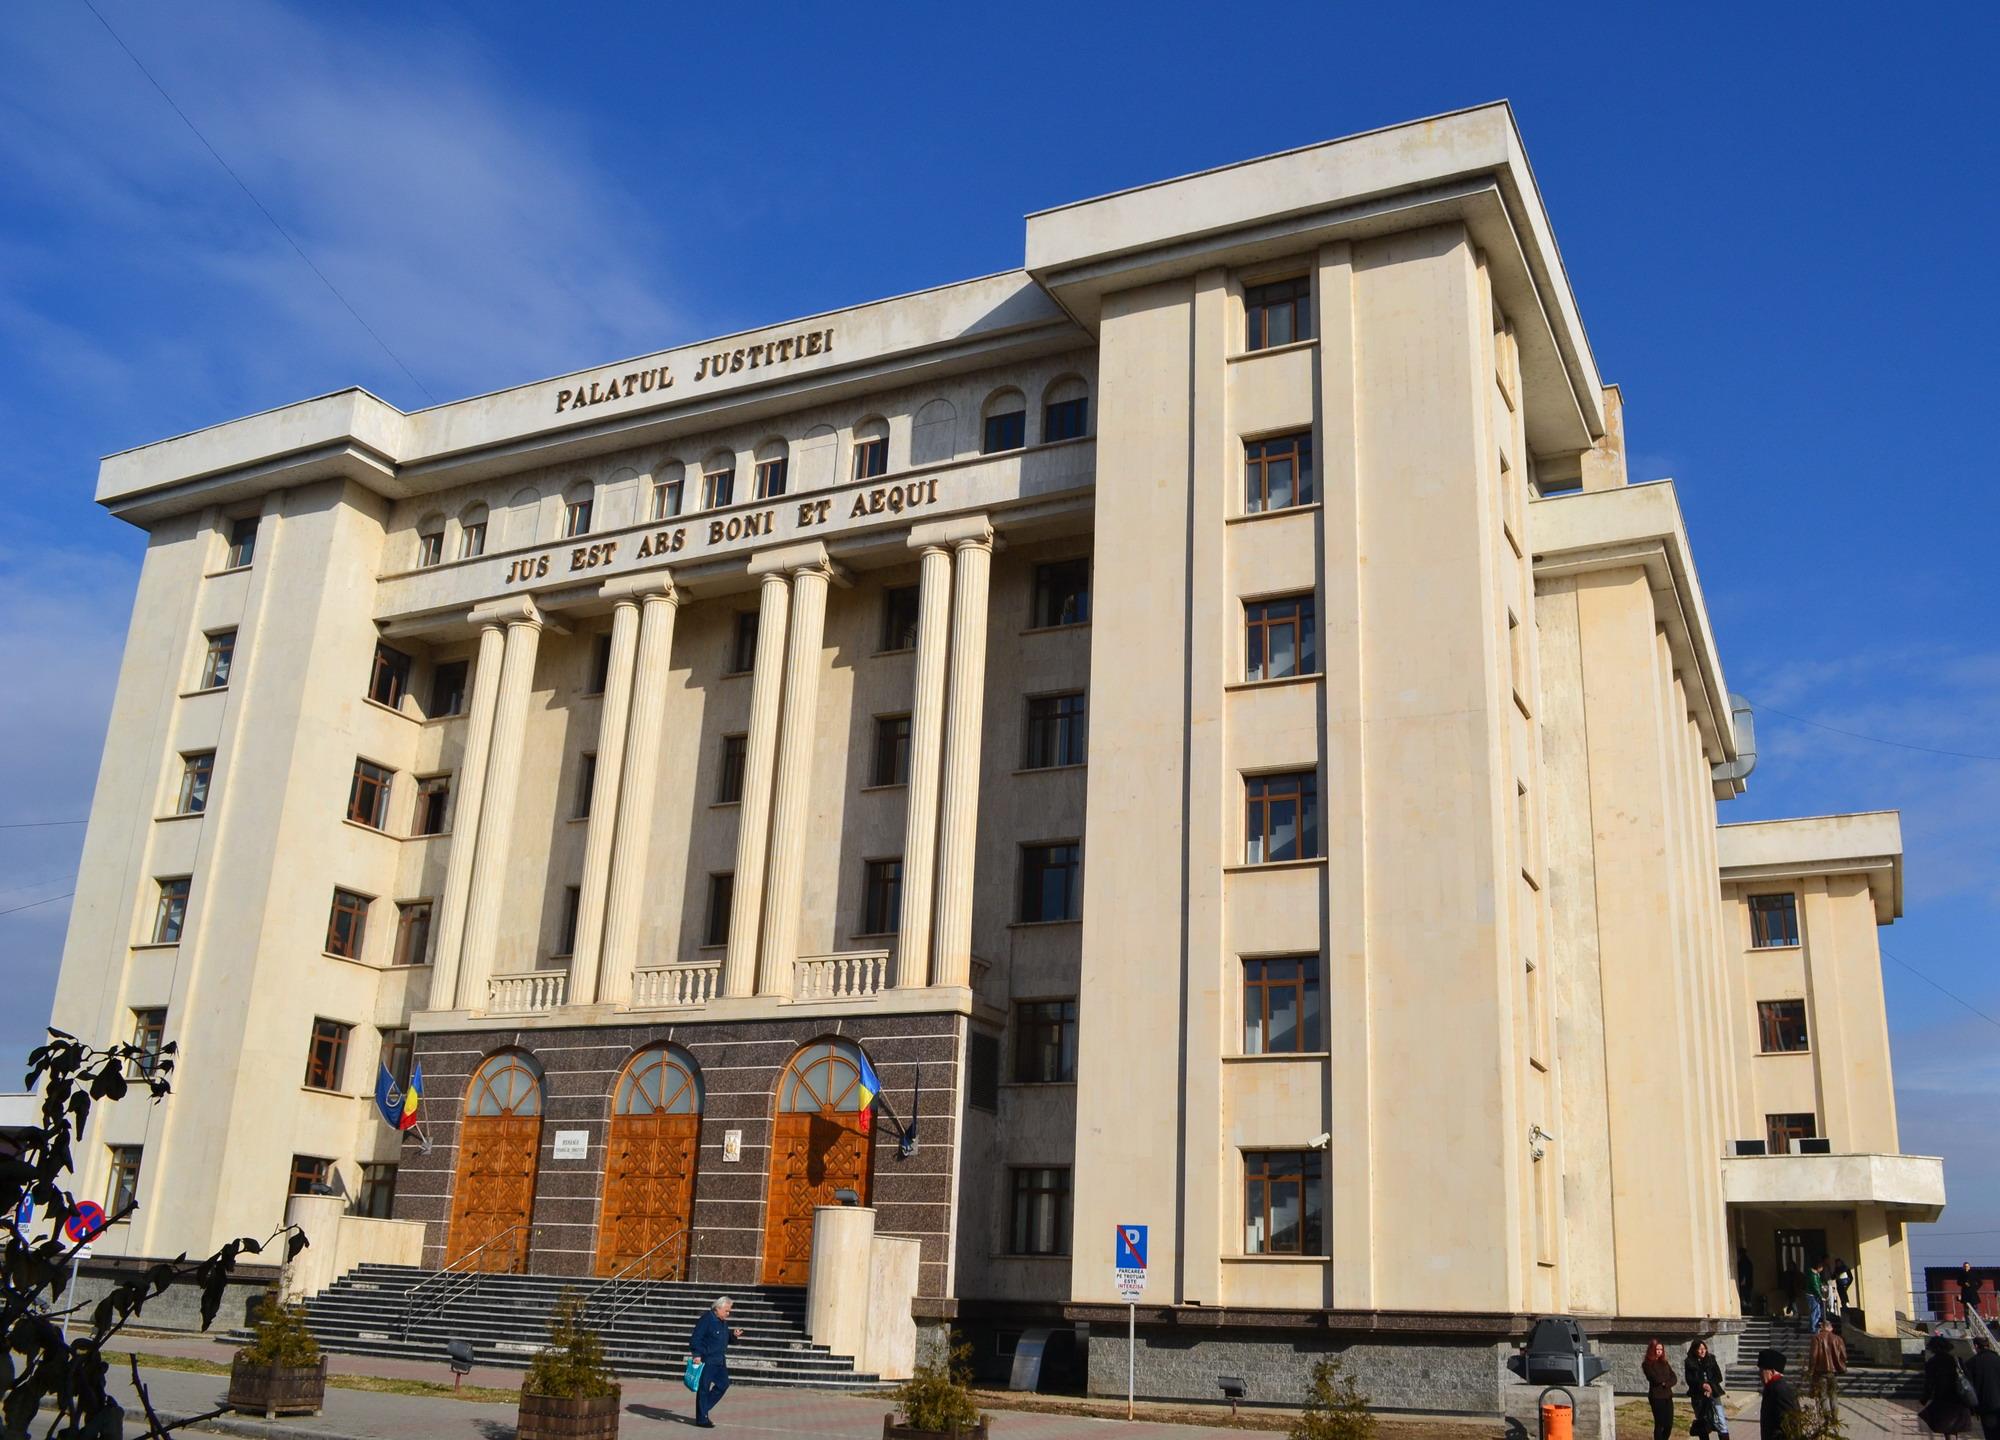 TINERII ACUZAȚI DE ȘANTAJ NEAGĂ APARTENENȚA LA GRUPAREA GHENOSU! MAGISTRAȚII I-AU LĂSAT LIBERI!